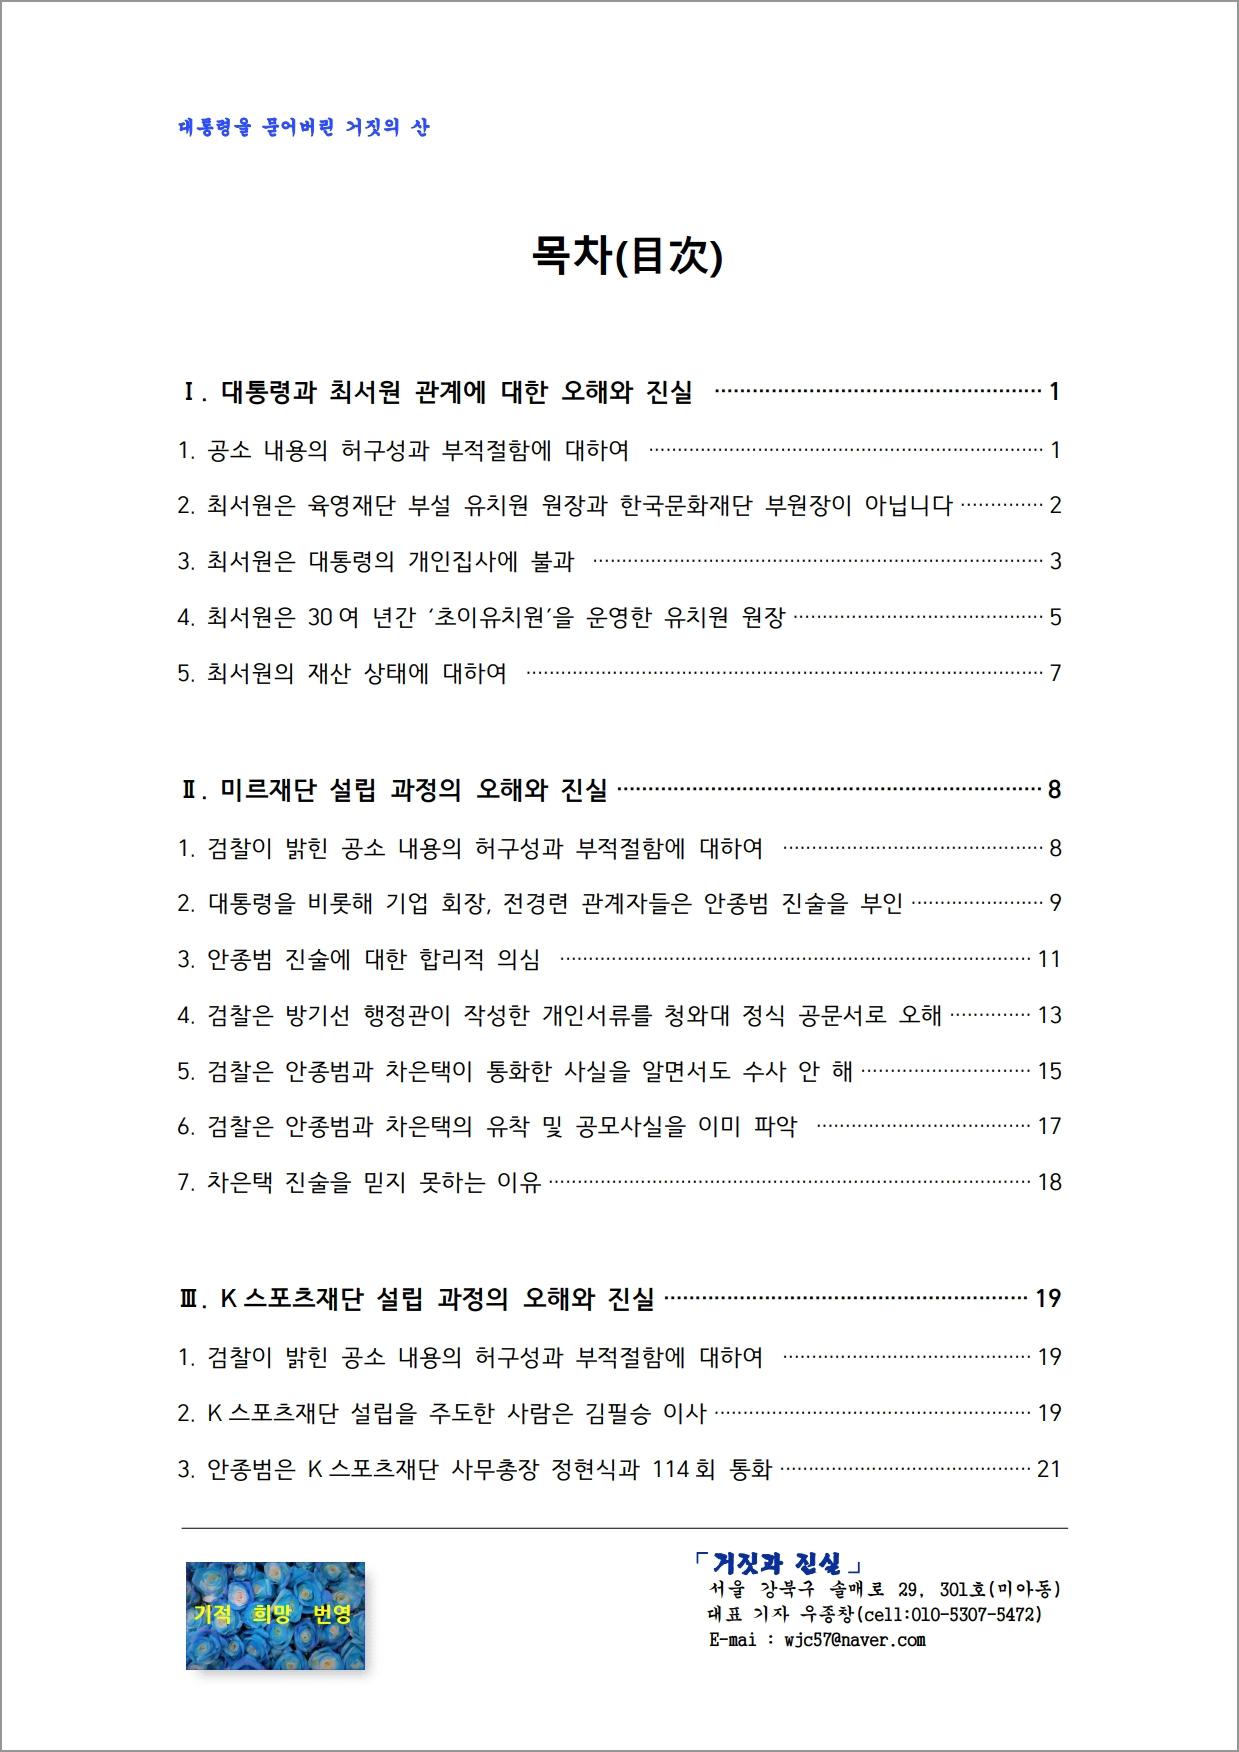 박근혜 대통령 사건-실체적 총론 목차.pdf